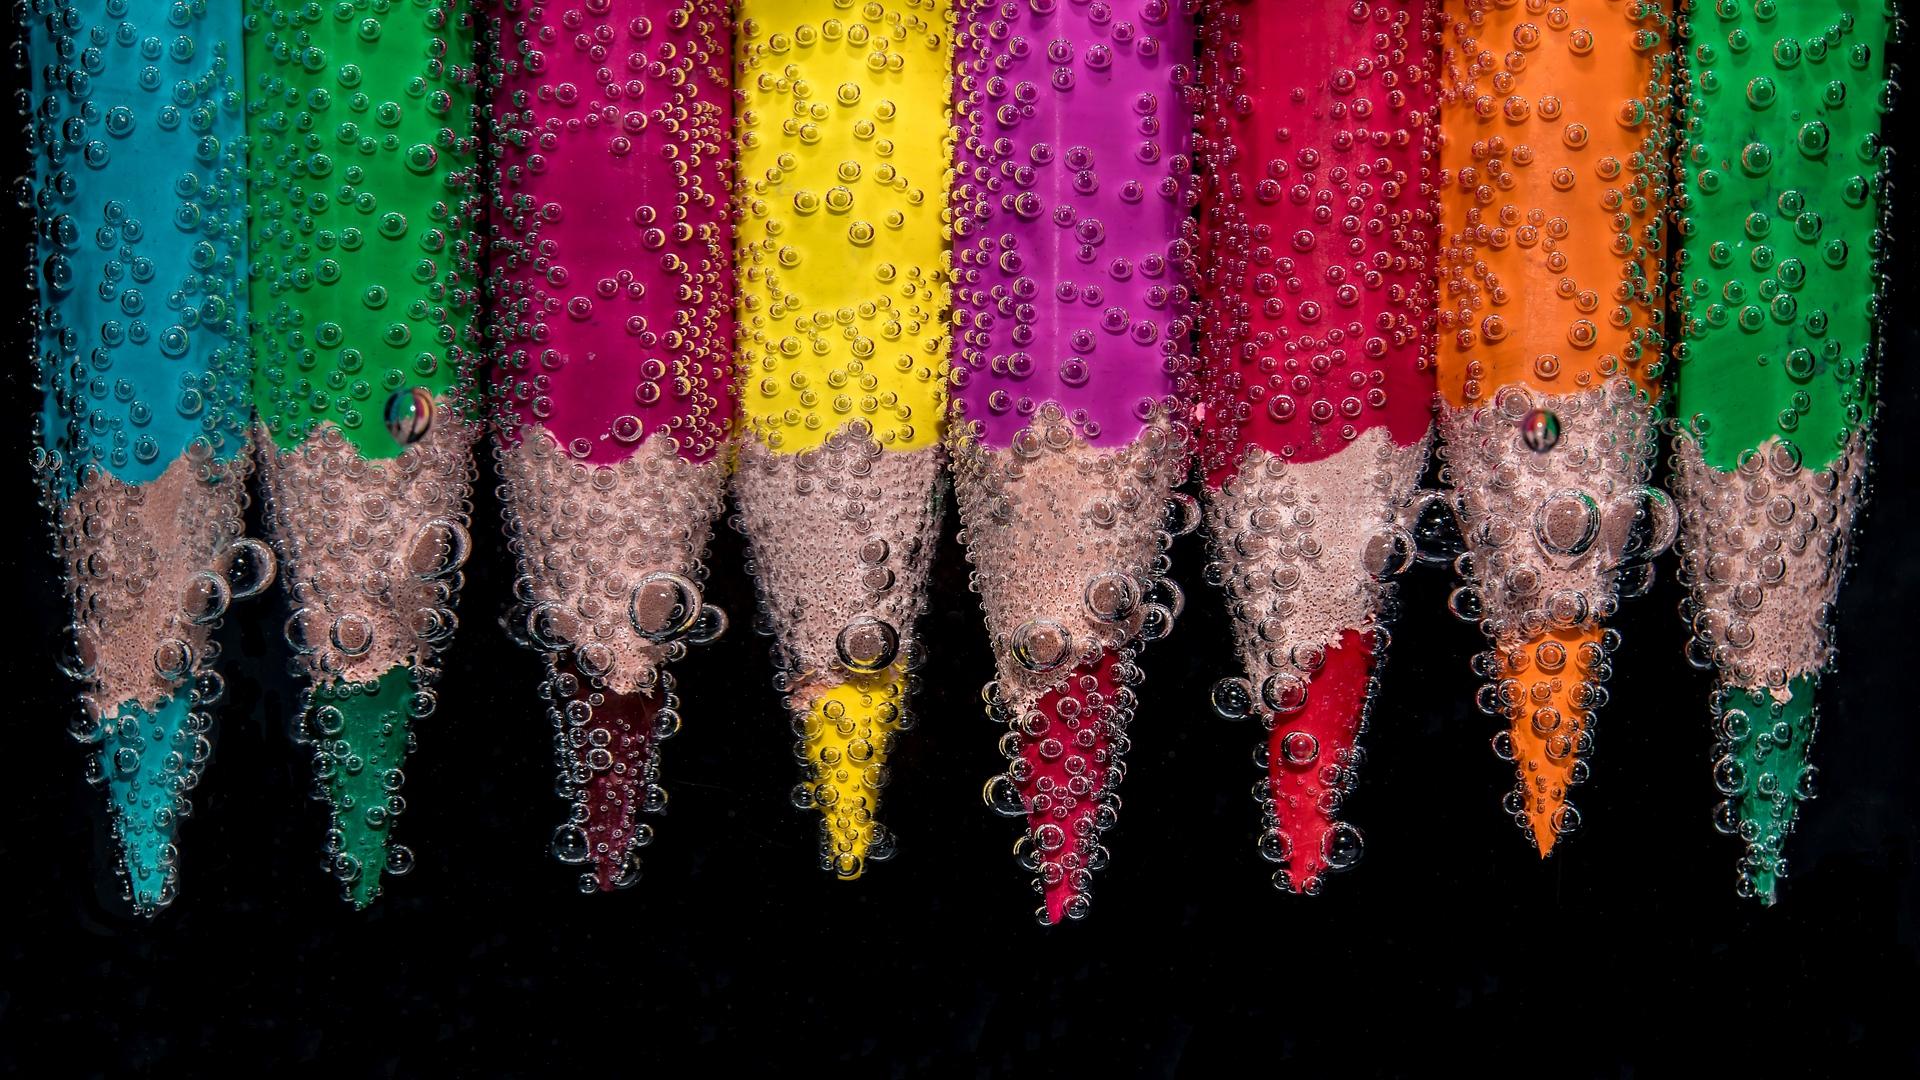 Wallpaper Color Pencils, Bubbles, Close-up - Bubbles Around Colored Pencils - HD Wallpaper